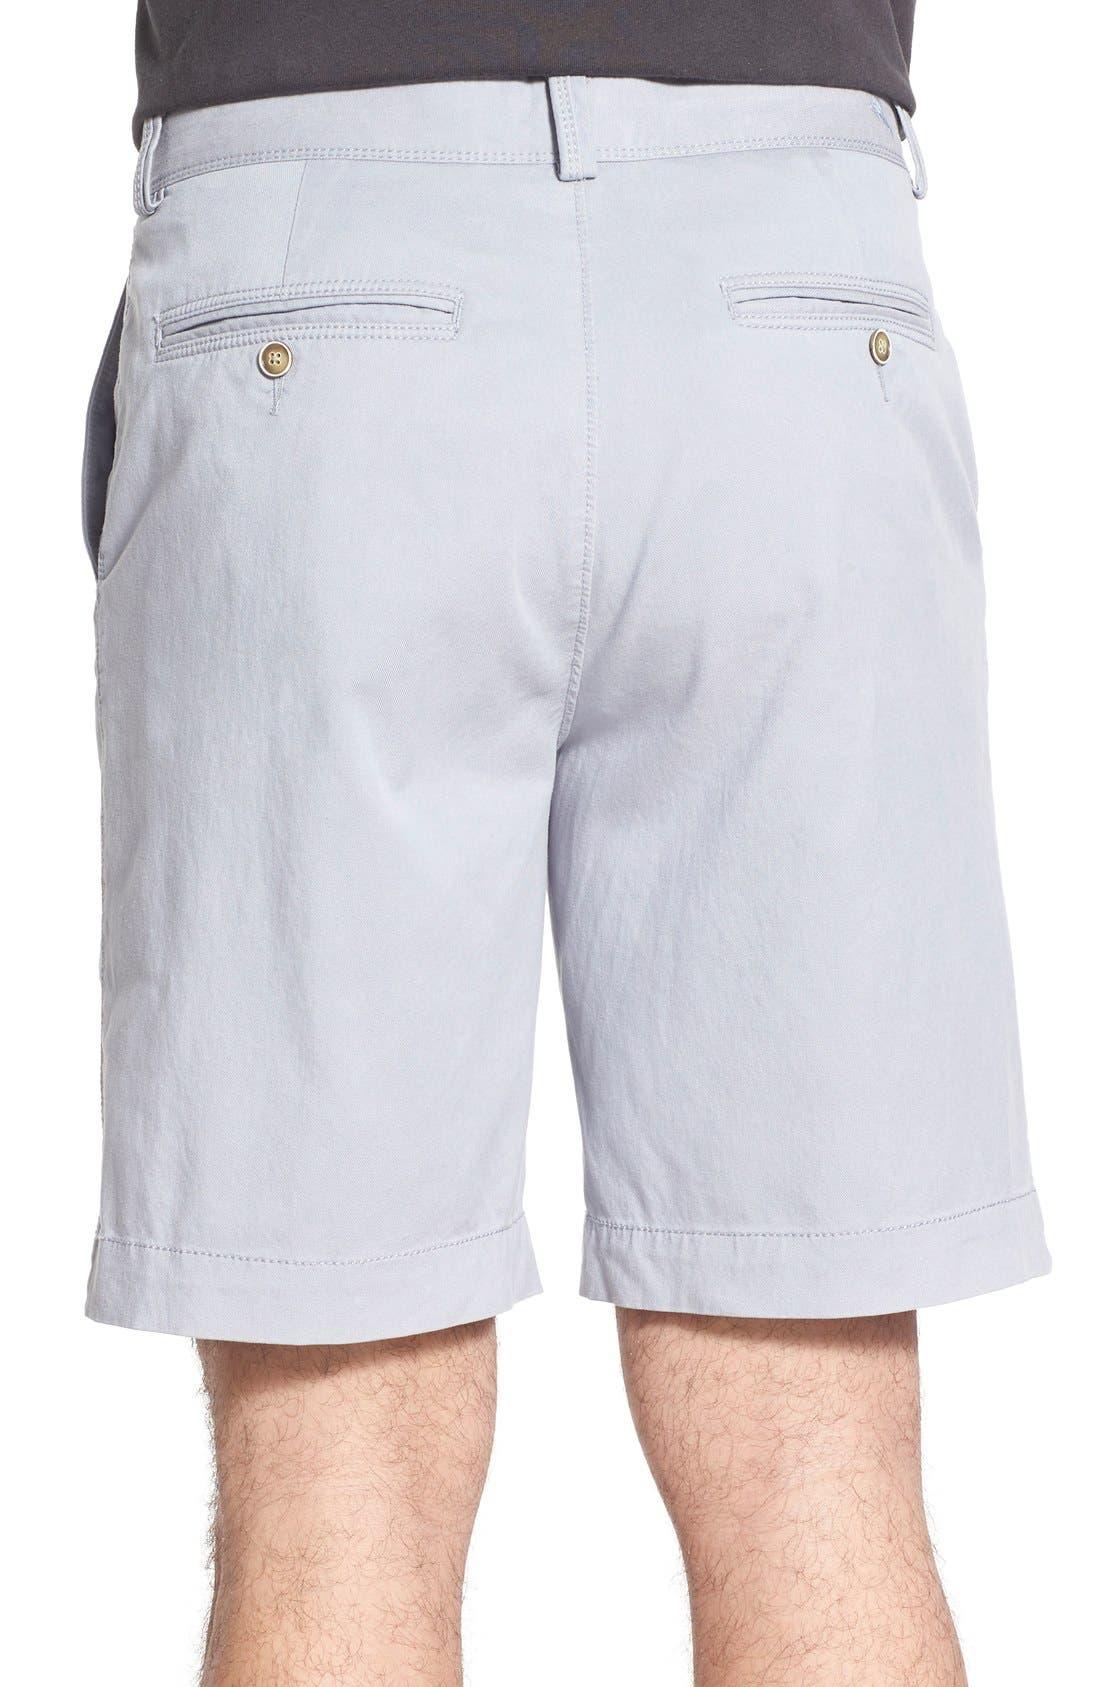 Alternate Image 2  - Tommy Bahama 'Ashore Thing' Flat Front Shorts